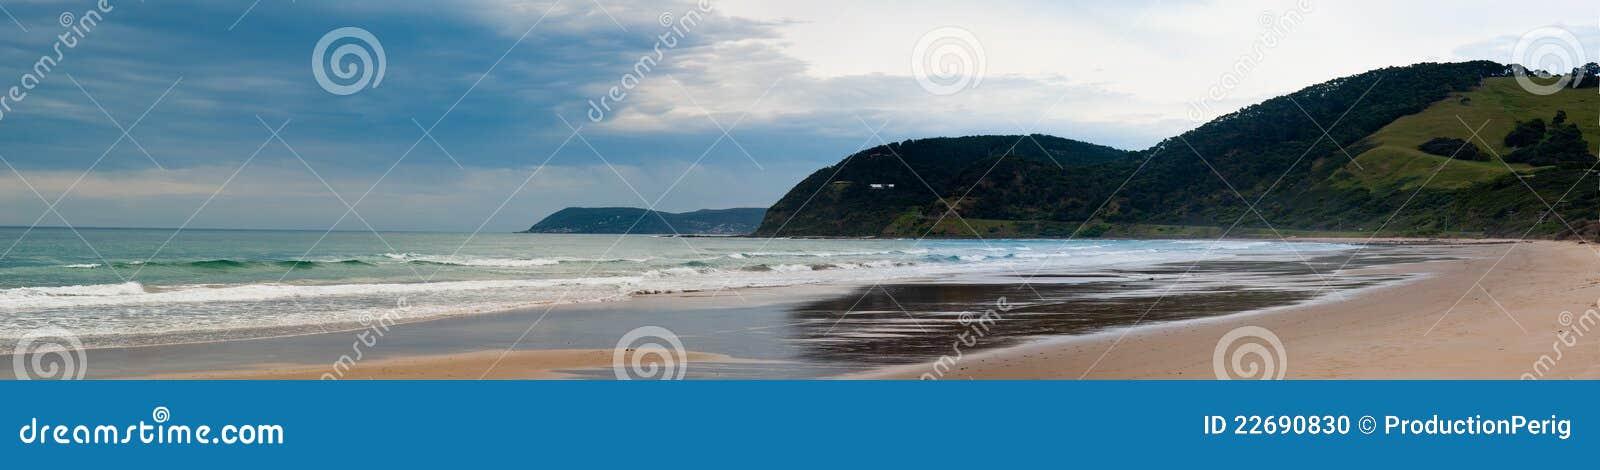 Praia de Torquay - Austrália